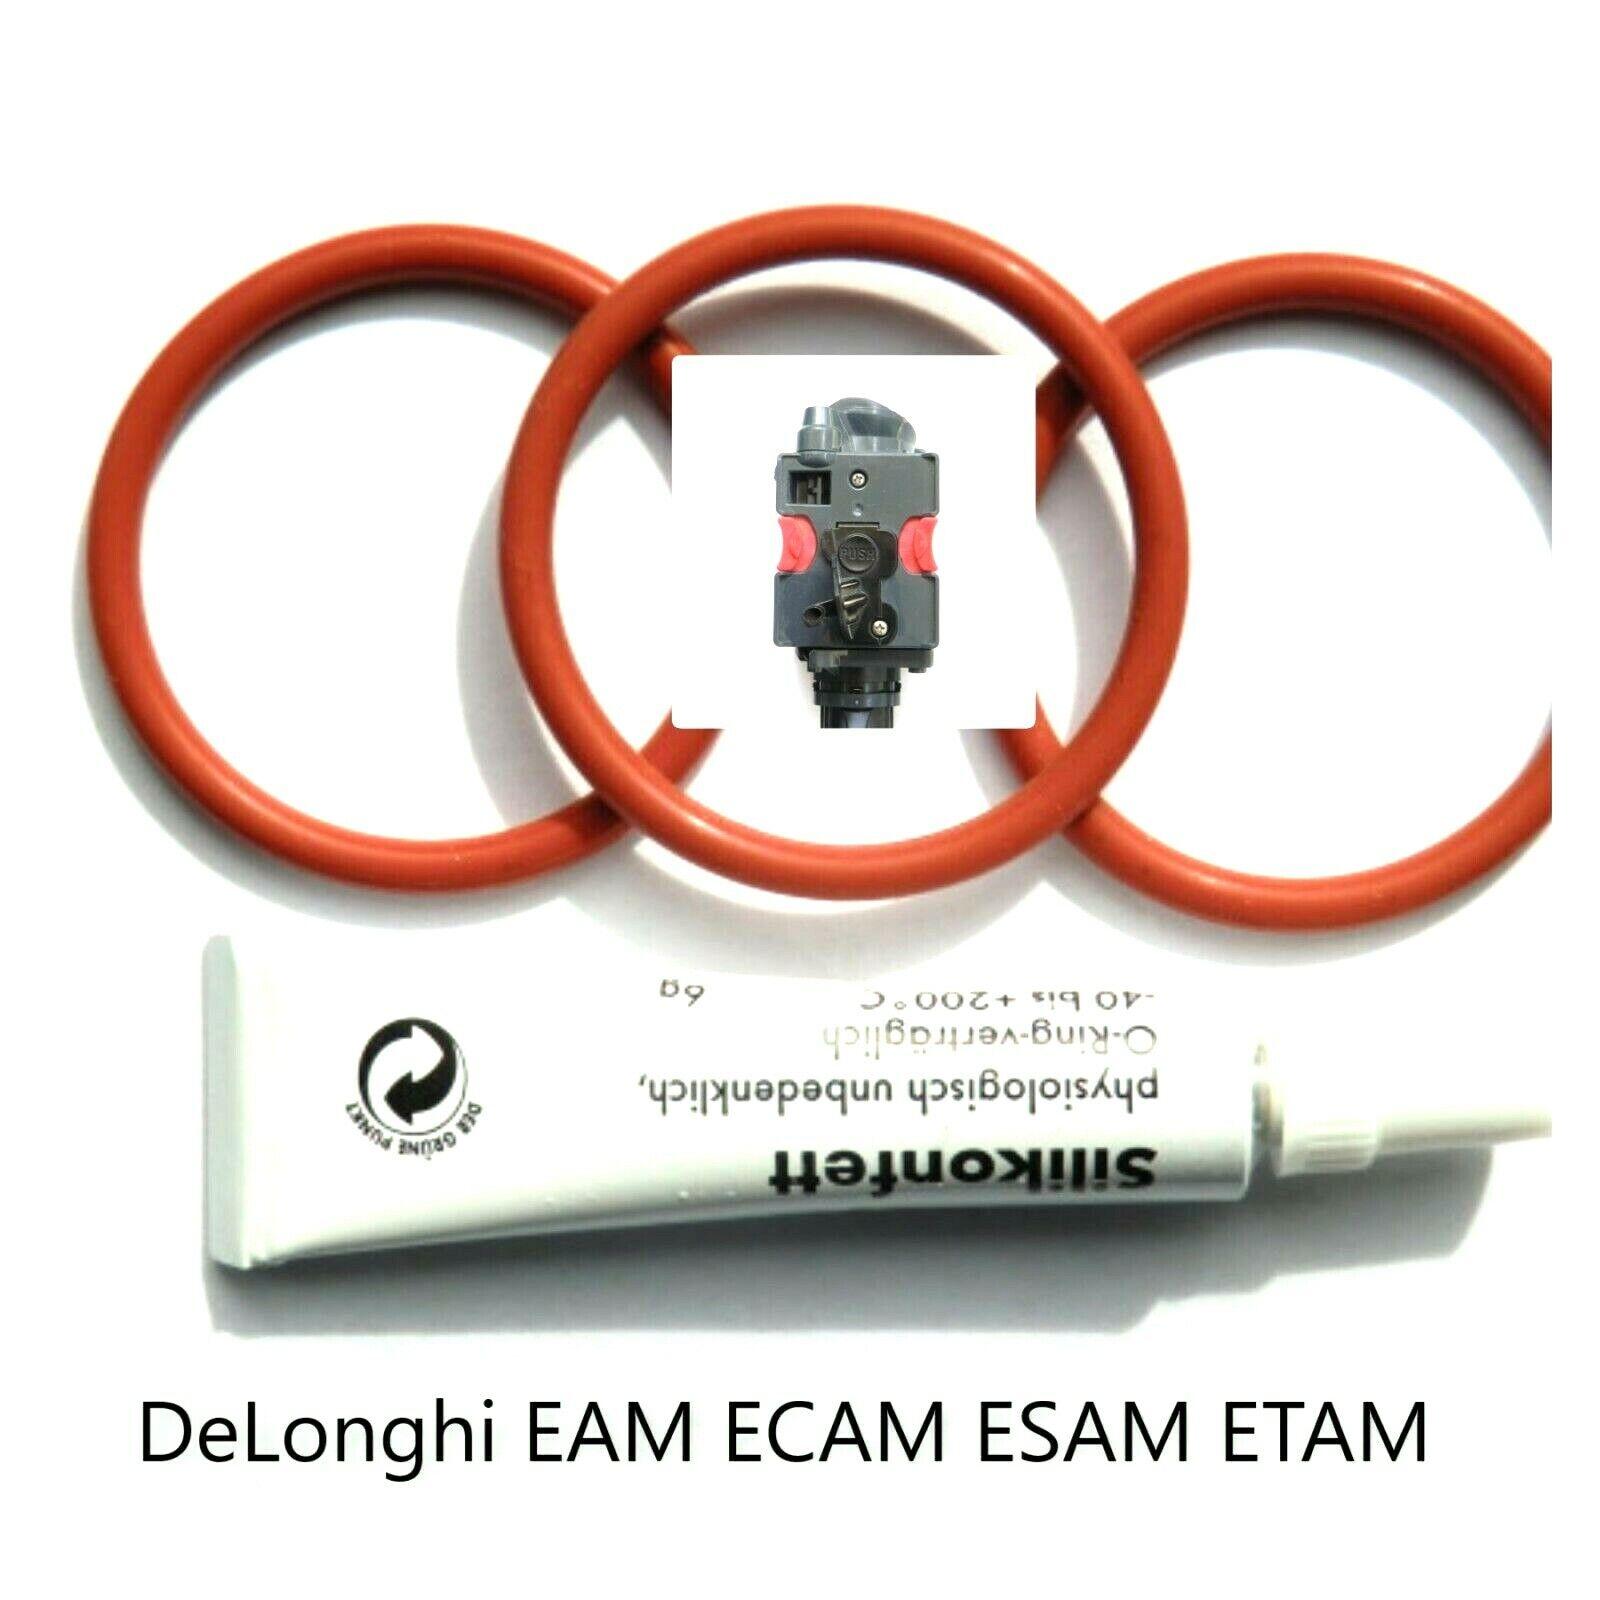 Delonghi ESAM-ETAM Dichtungen Dichtsatz O-Ringe für oberen Brühkolben